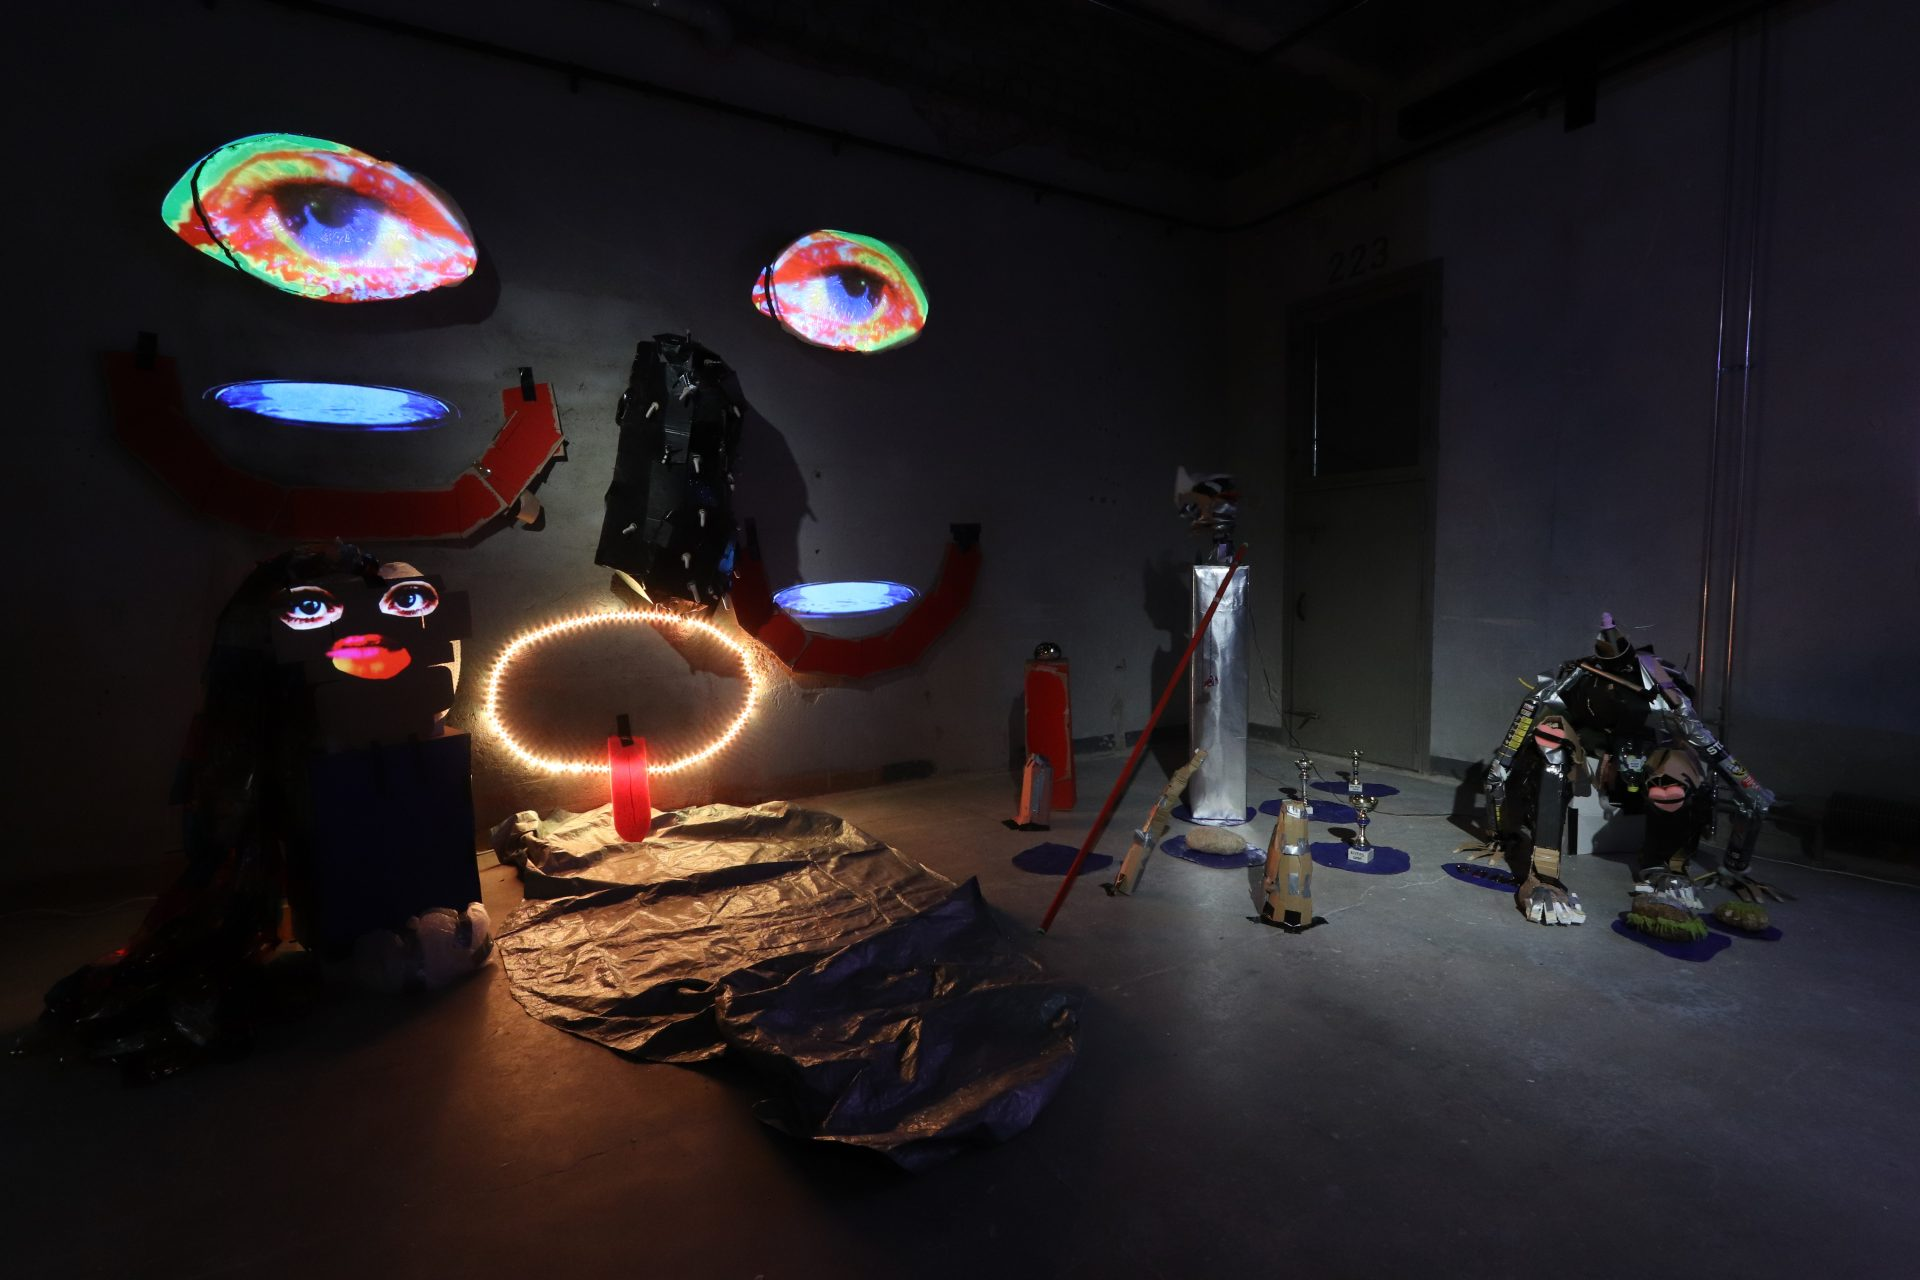 Seinälle heijastetut kasvot ja muita kierrätysmateriaaleista valmistettuja teoksia Sofi Häkkisen näyttelyssä